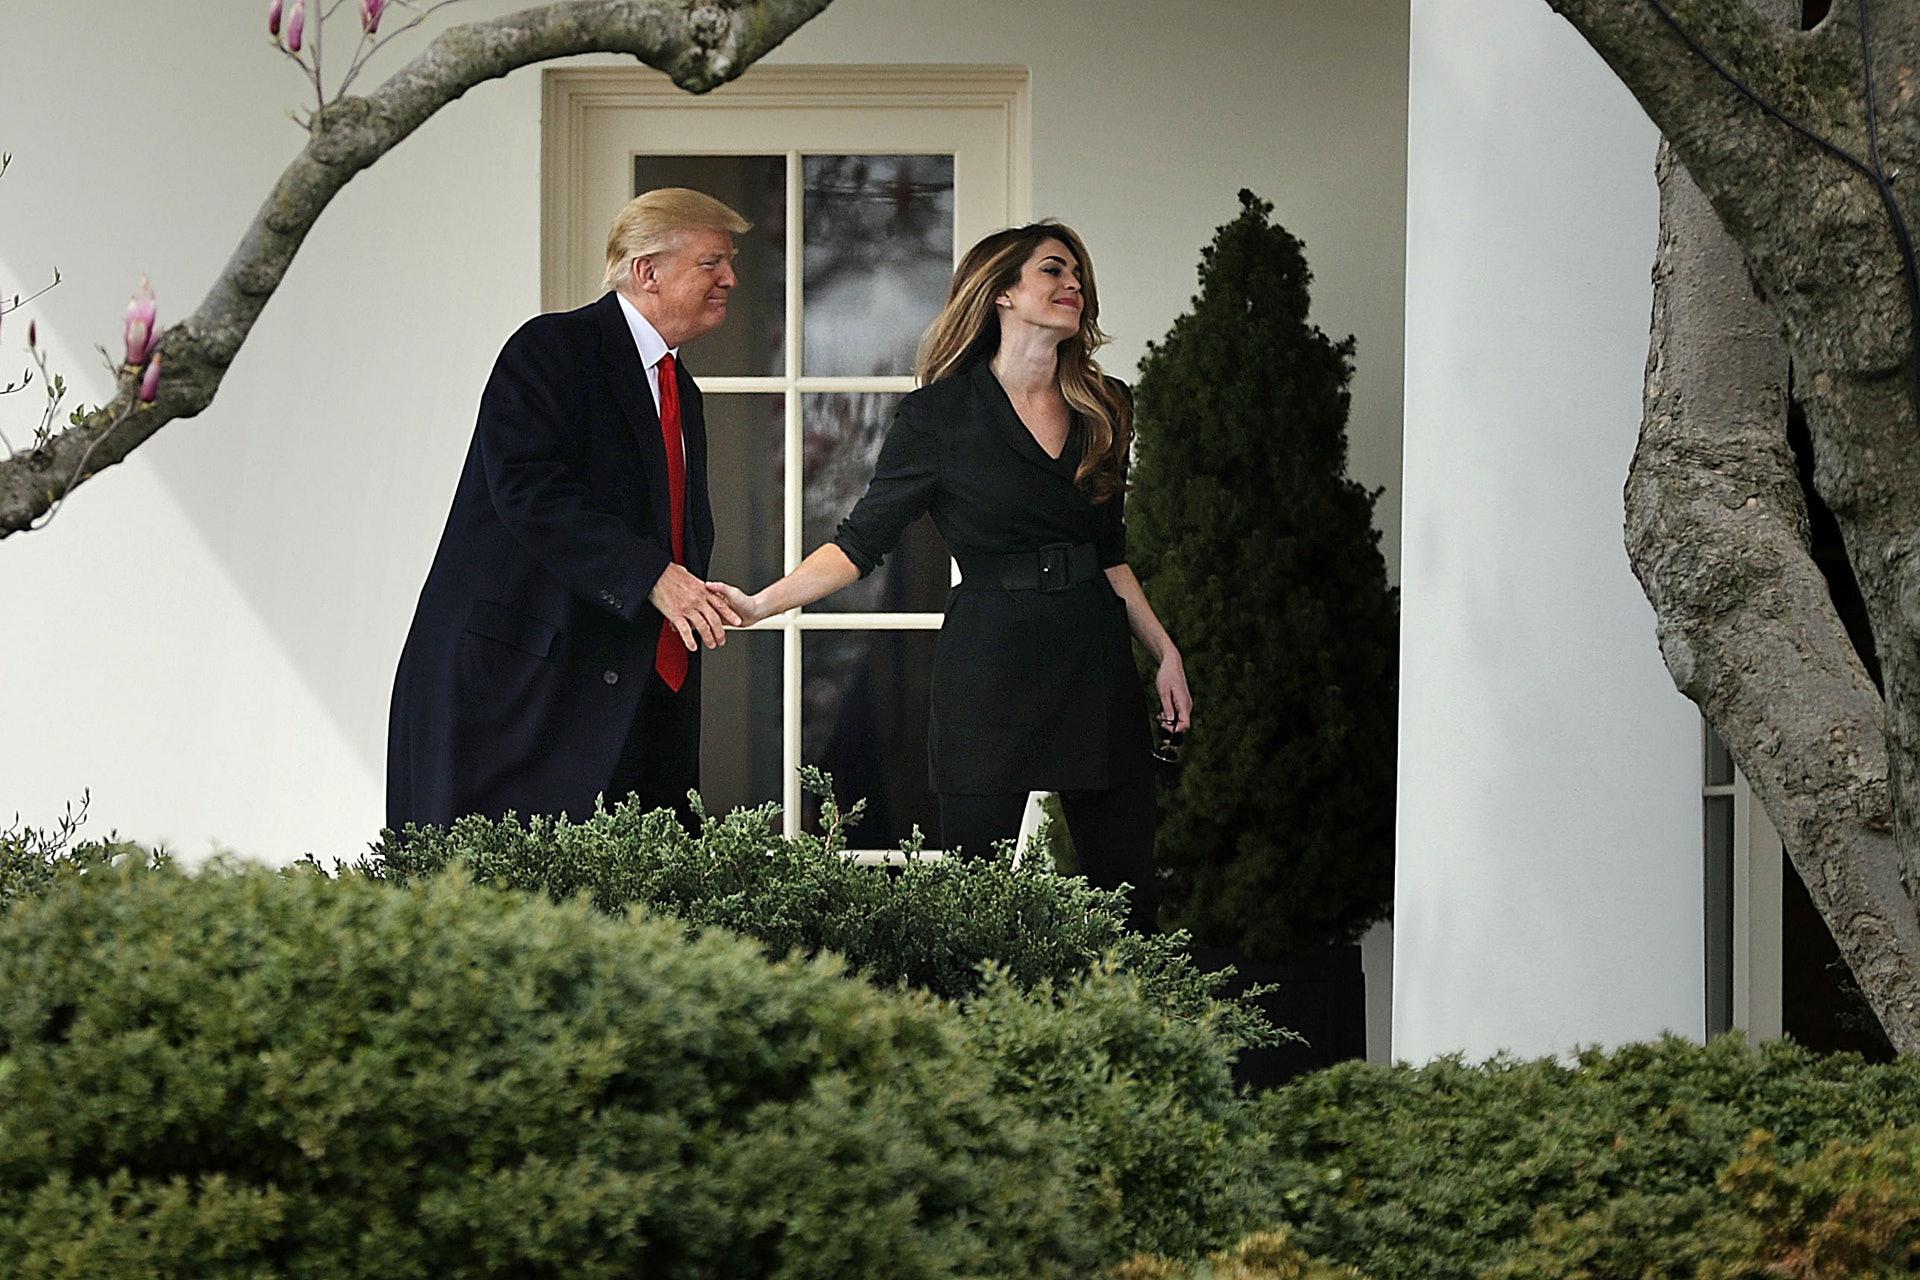 希克斯:希克斯於2018年8月離開白宮,之後在霍士(Fox)擔任執行副總裁及首席通訊官。有分析認為,她今次重回白宮,背後源於特朗普希望打造與2016年競選總統時相似的地方,以迎接2020年大選。(Getty)